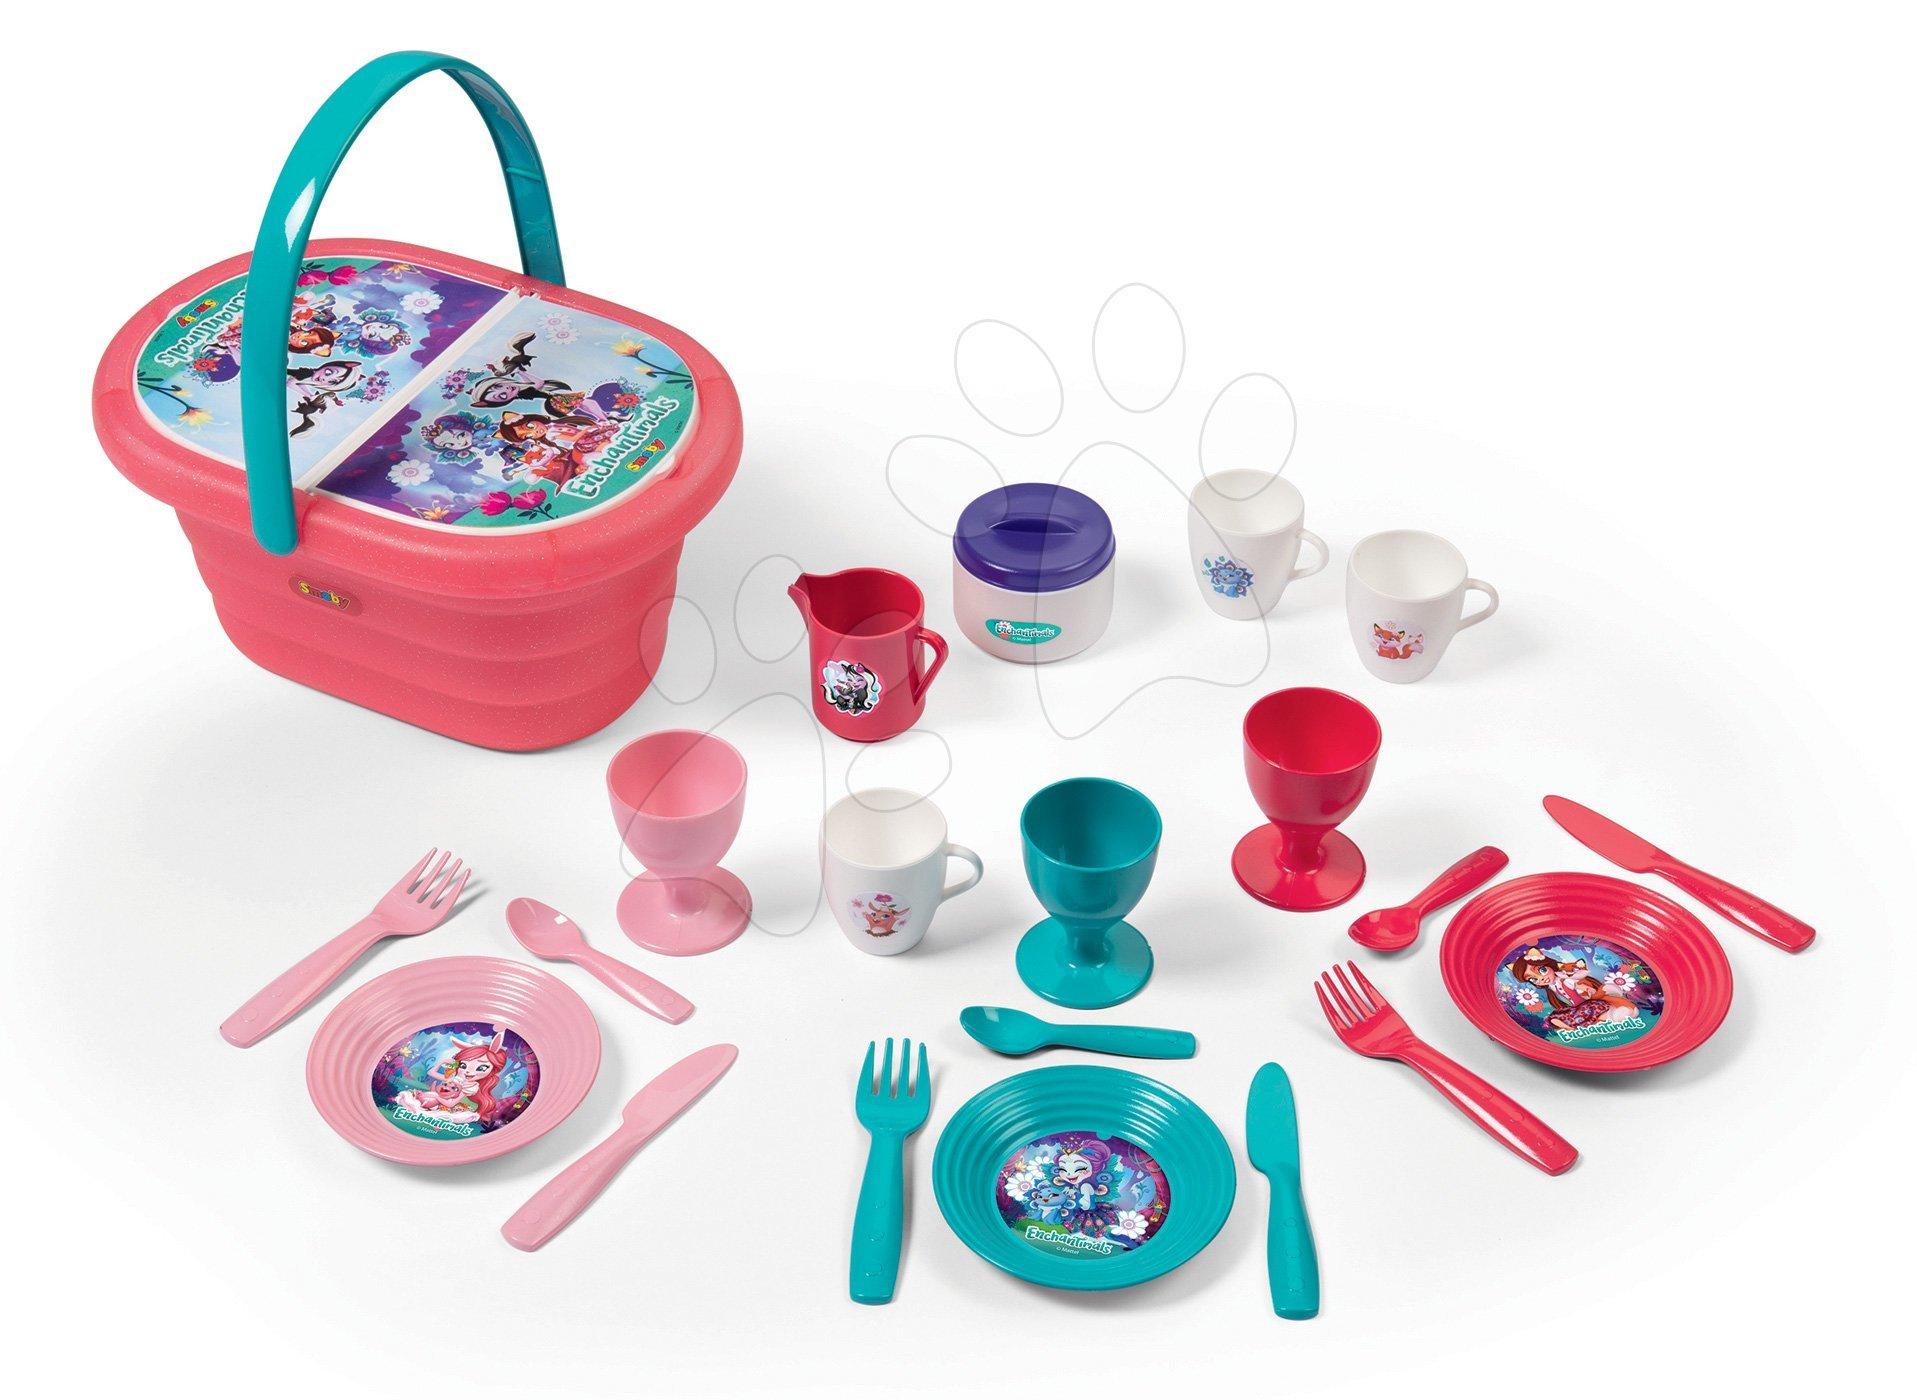 Nádobí a doplňky do kuchyňky - Košík s jídelní soupravou a pohárky Enchantimals Picnic Basket Smoby s 21 doplňky